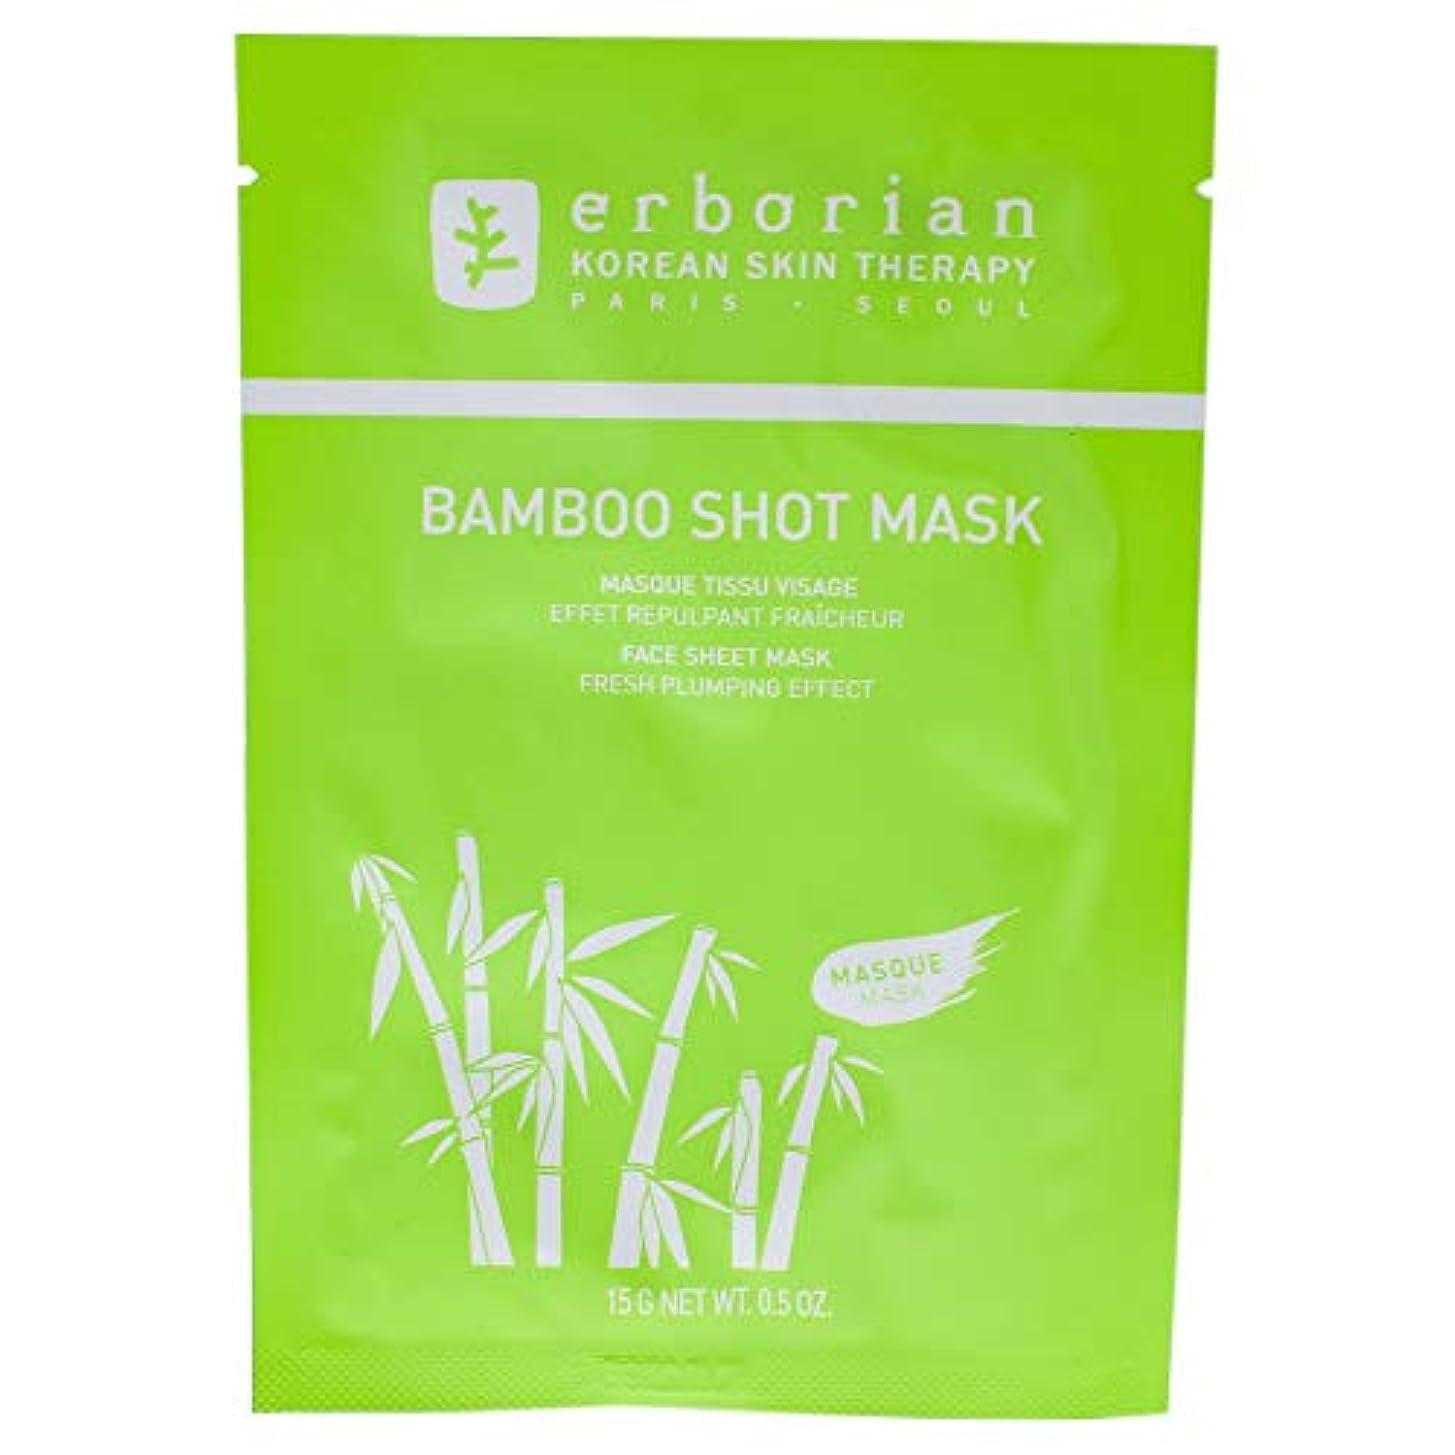 謙虚な貴重な高度Bamboo Shot Mask